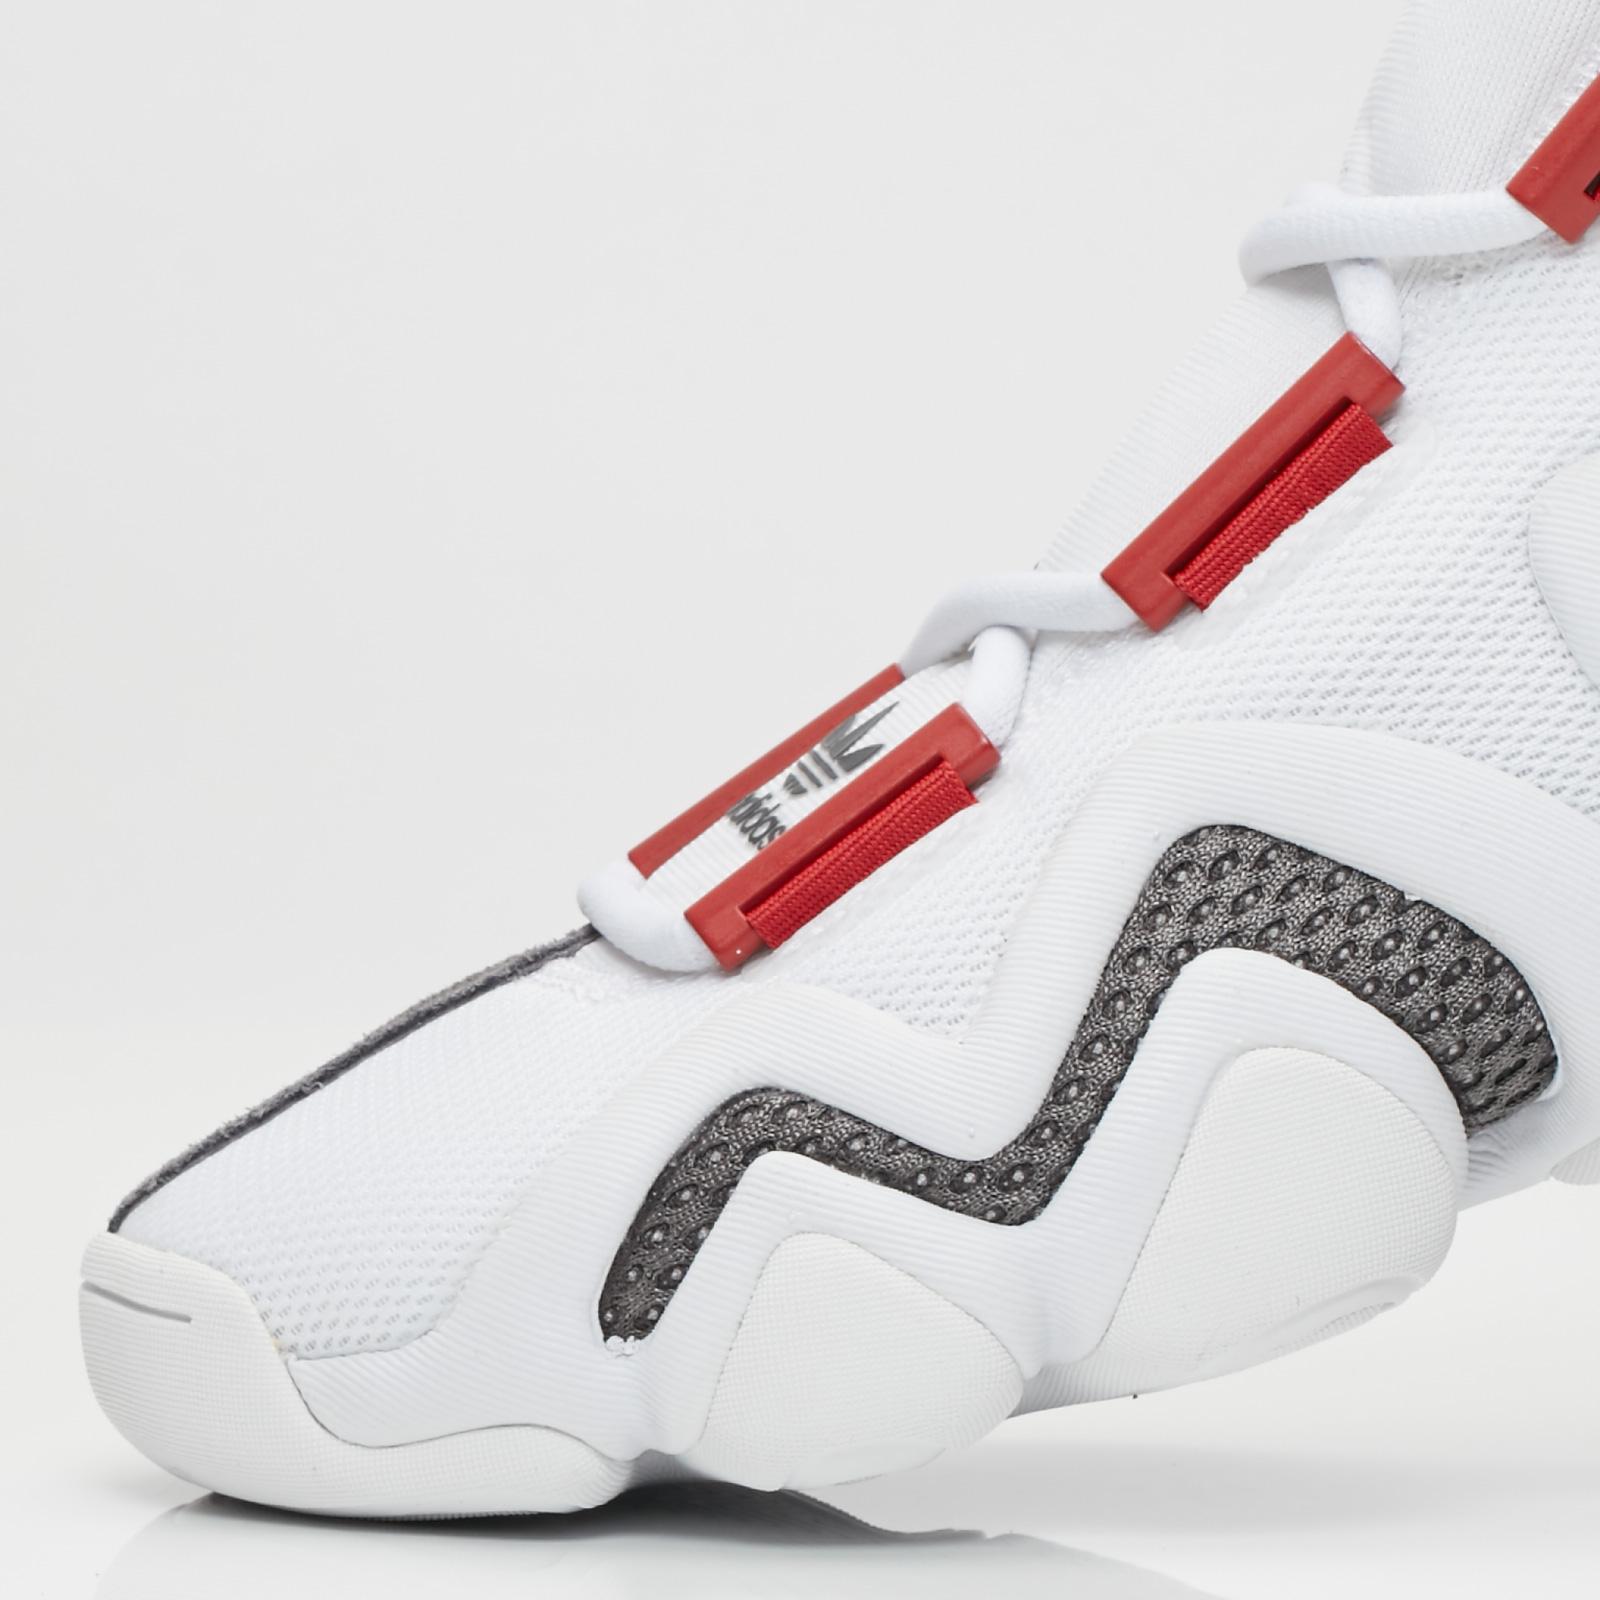 competitive price fe4df 4b5d8 ... adidas Consortium Crazy 8 AD Workshop ...